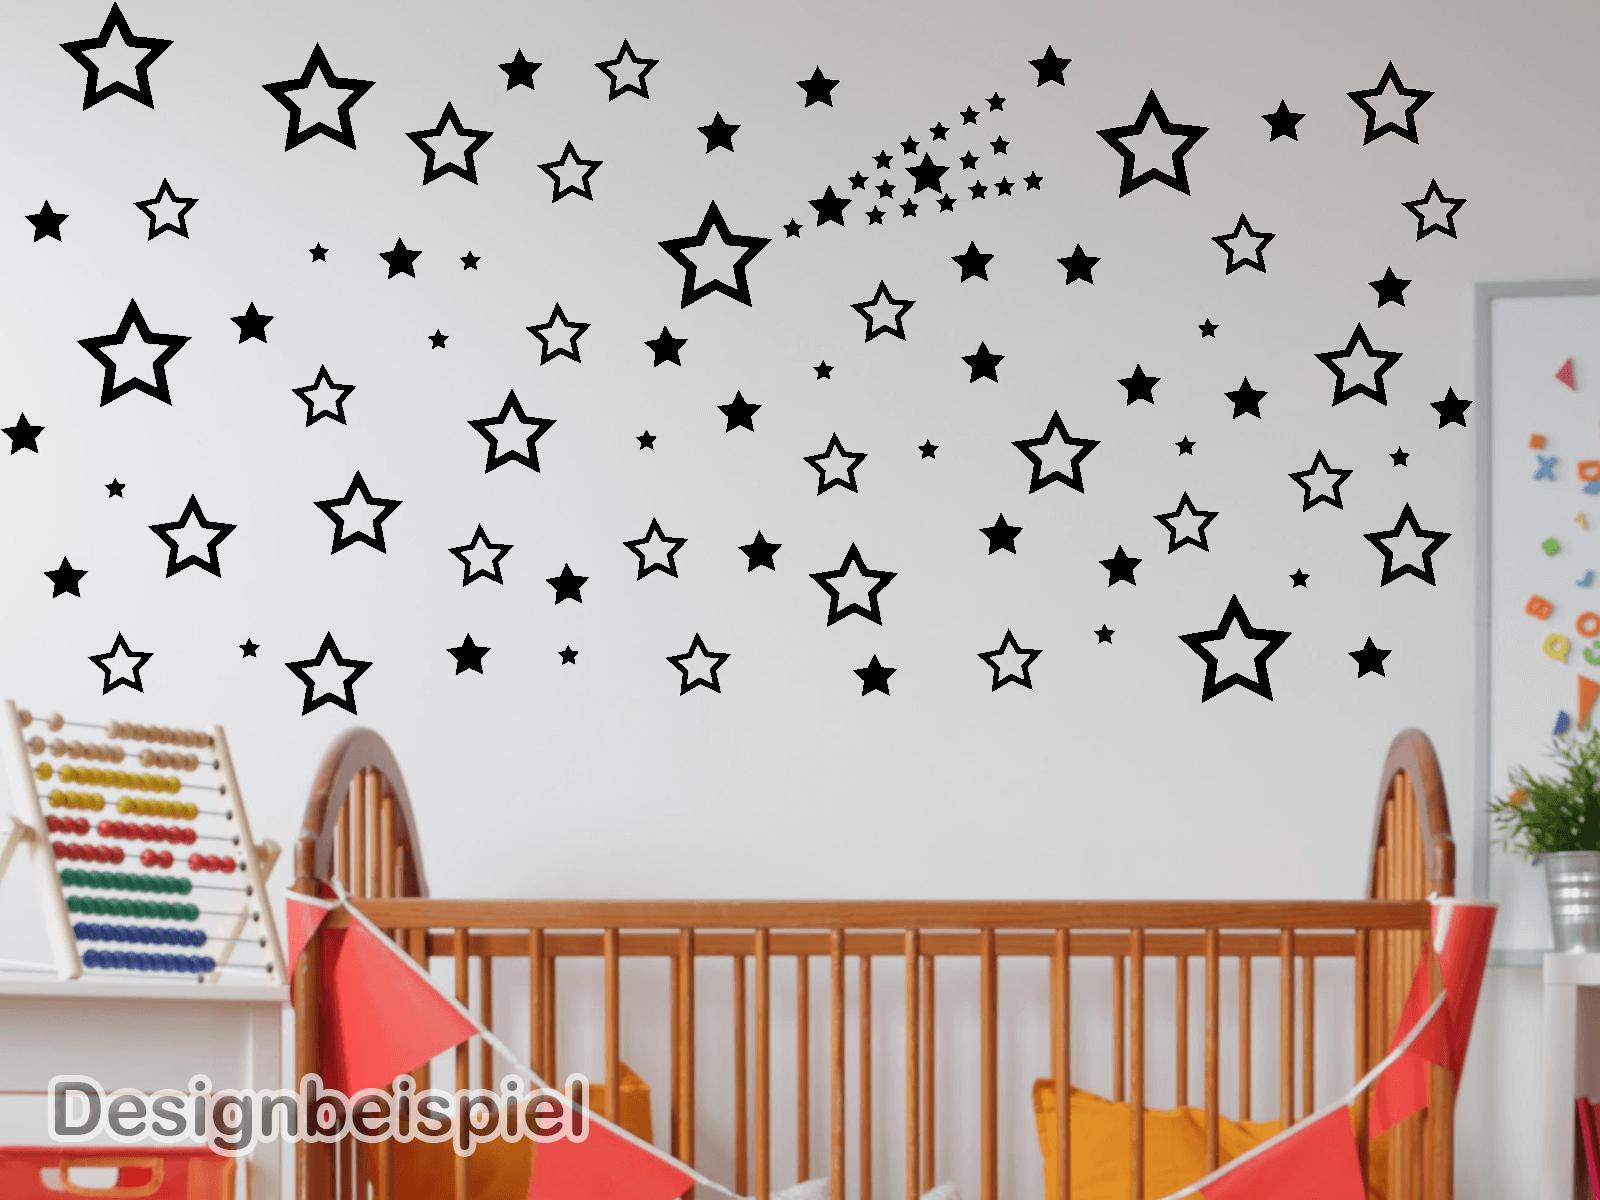 Wandtattoo Sterne Set 85 Stück Kinderzimmer Schlafzimmer  eBay